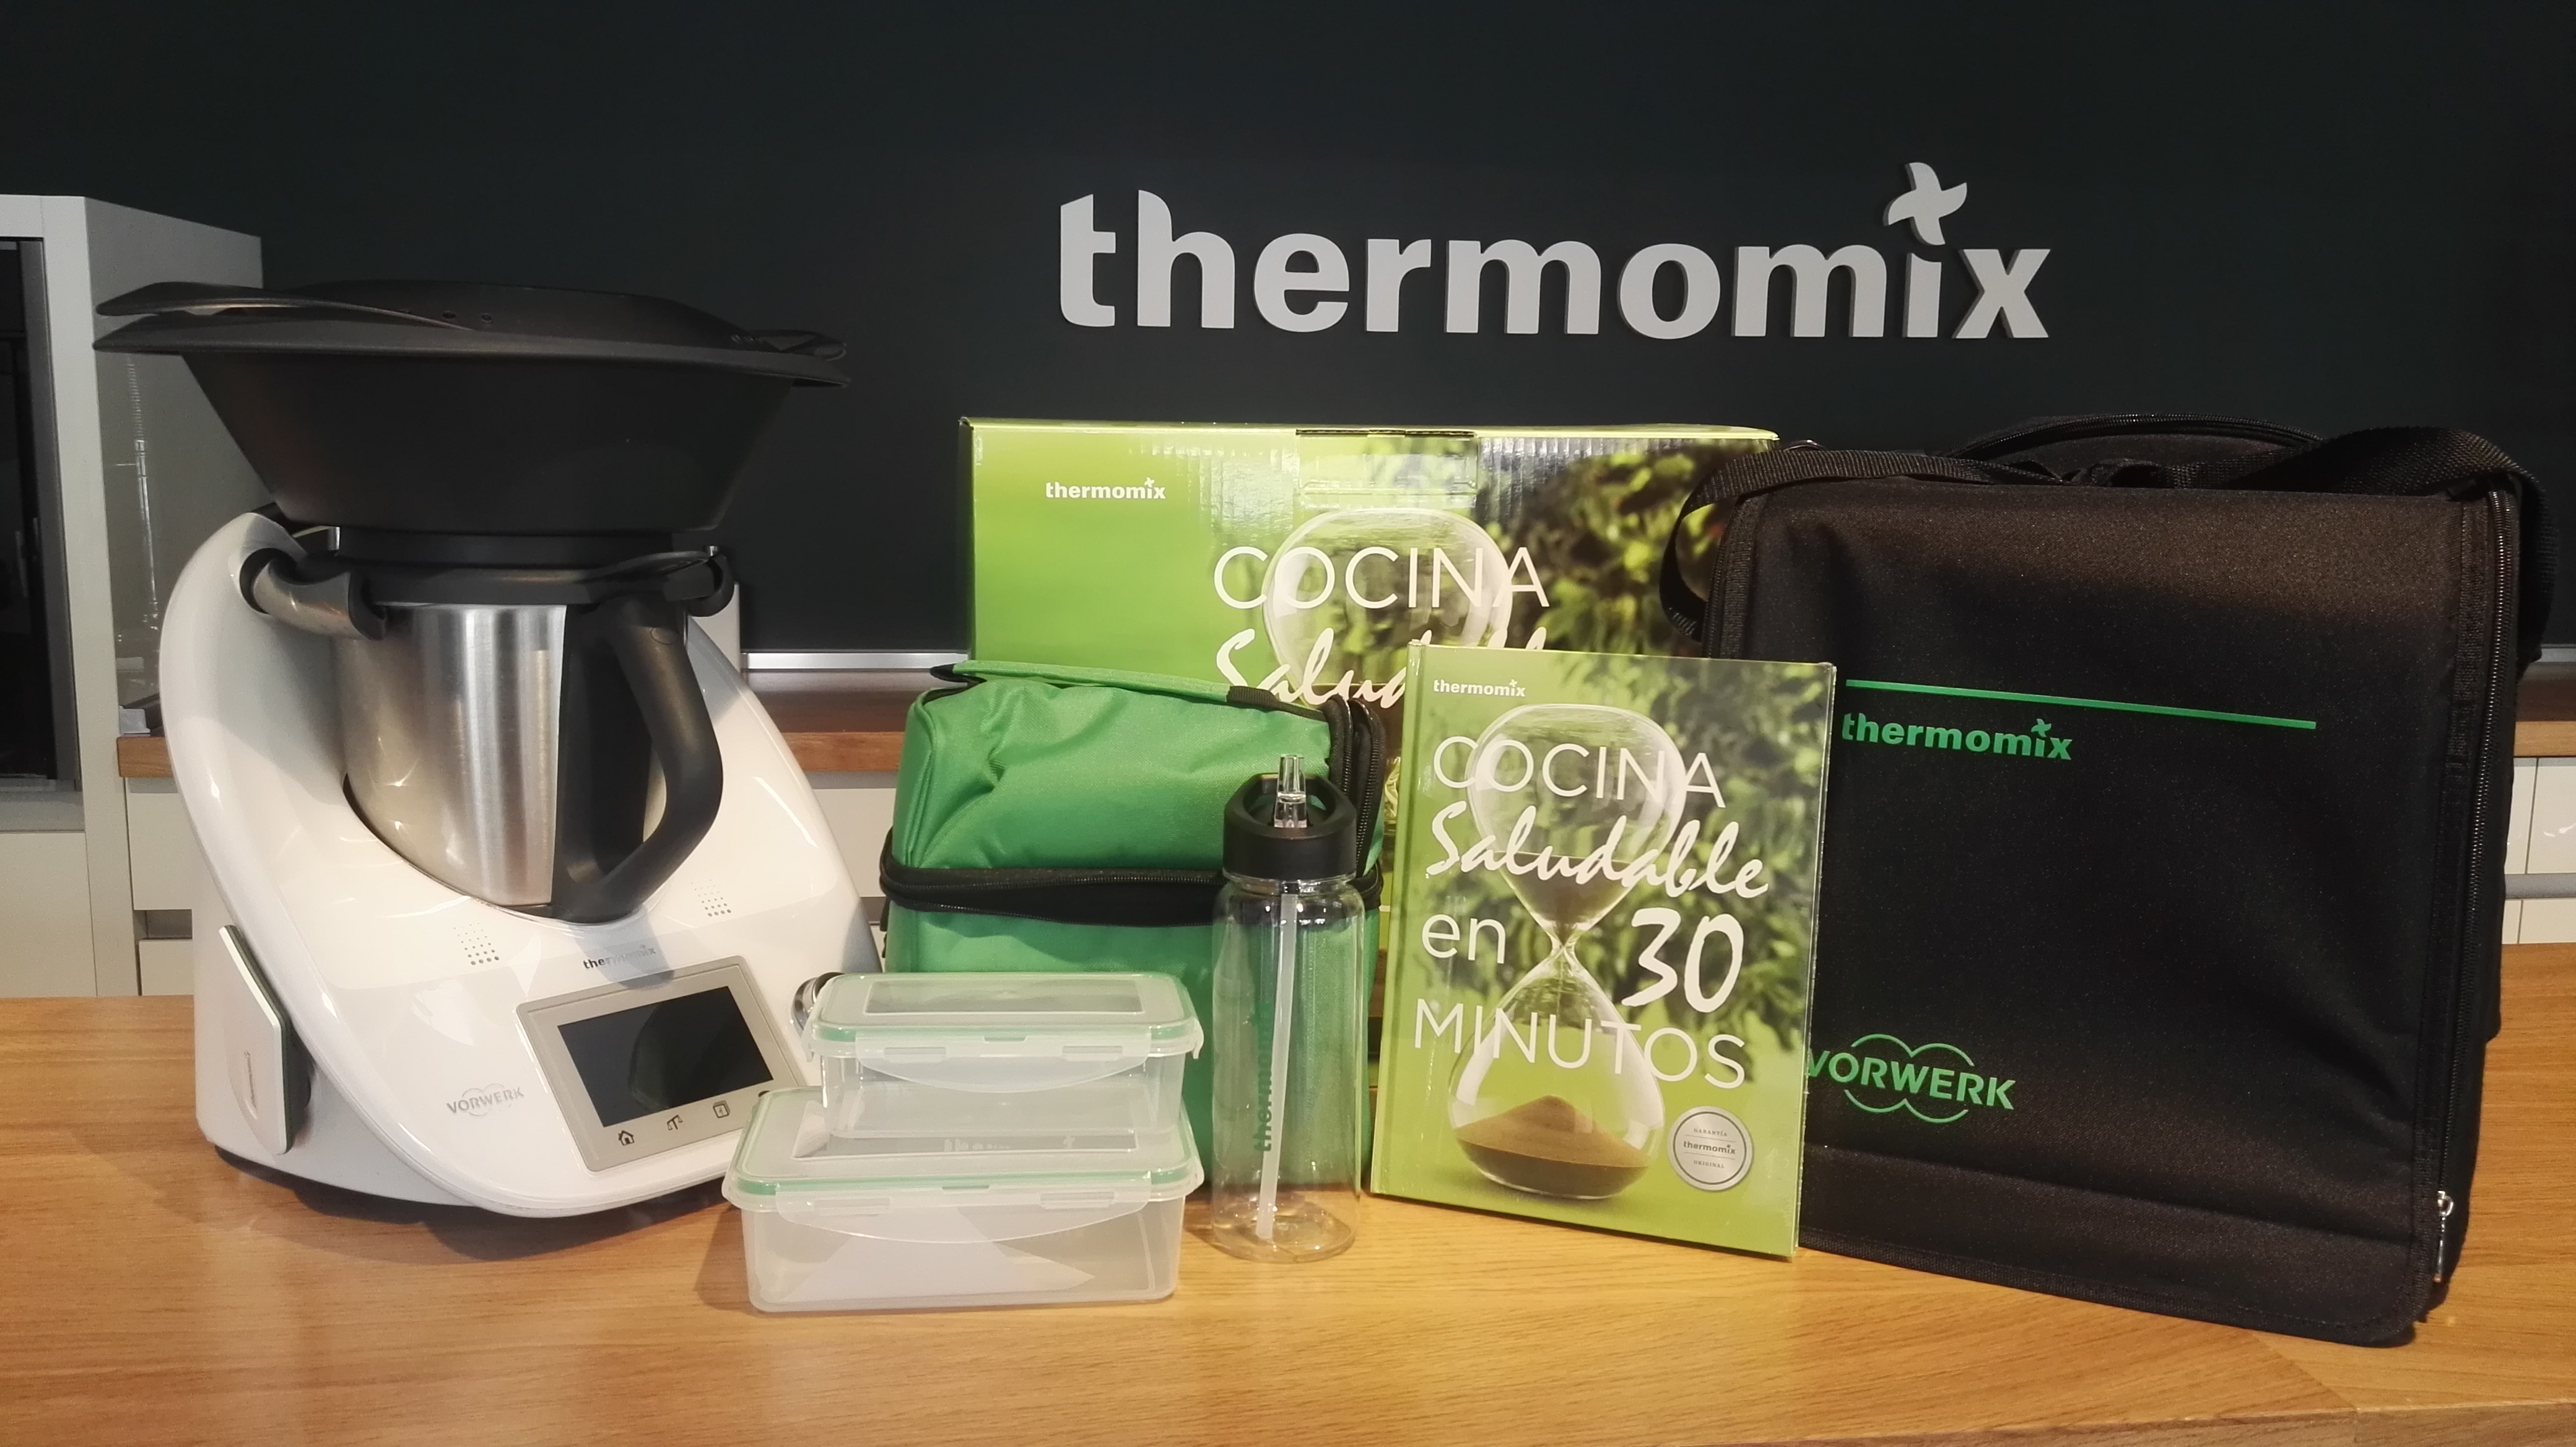 Come saludable cocina en poco tiempo noticias blog for Cocina saludable en 30 minutos thermomix